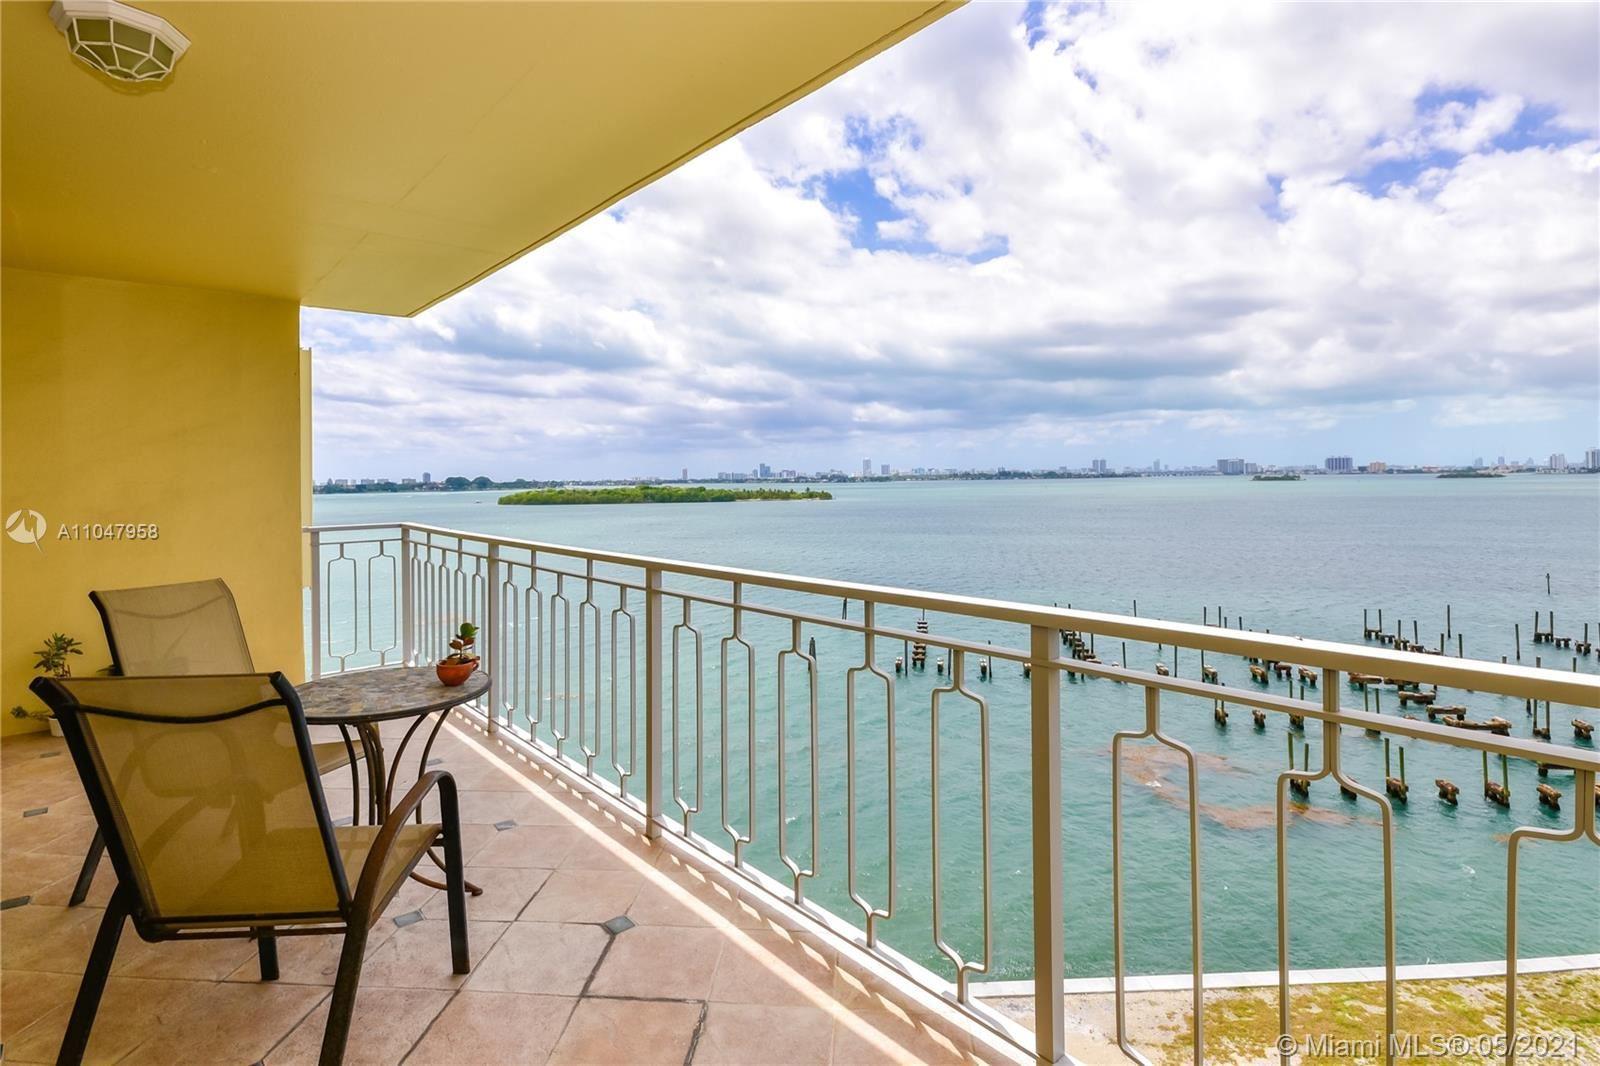 11111 Biscayne Blvd #8D, Miami, FL 33181 - #: A11047958